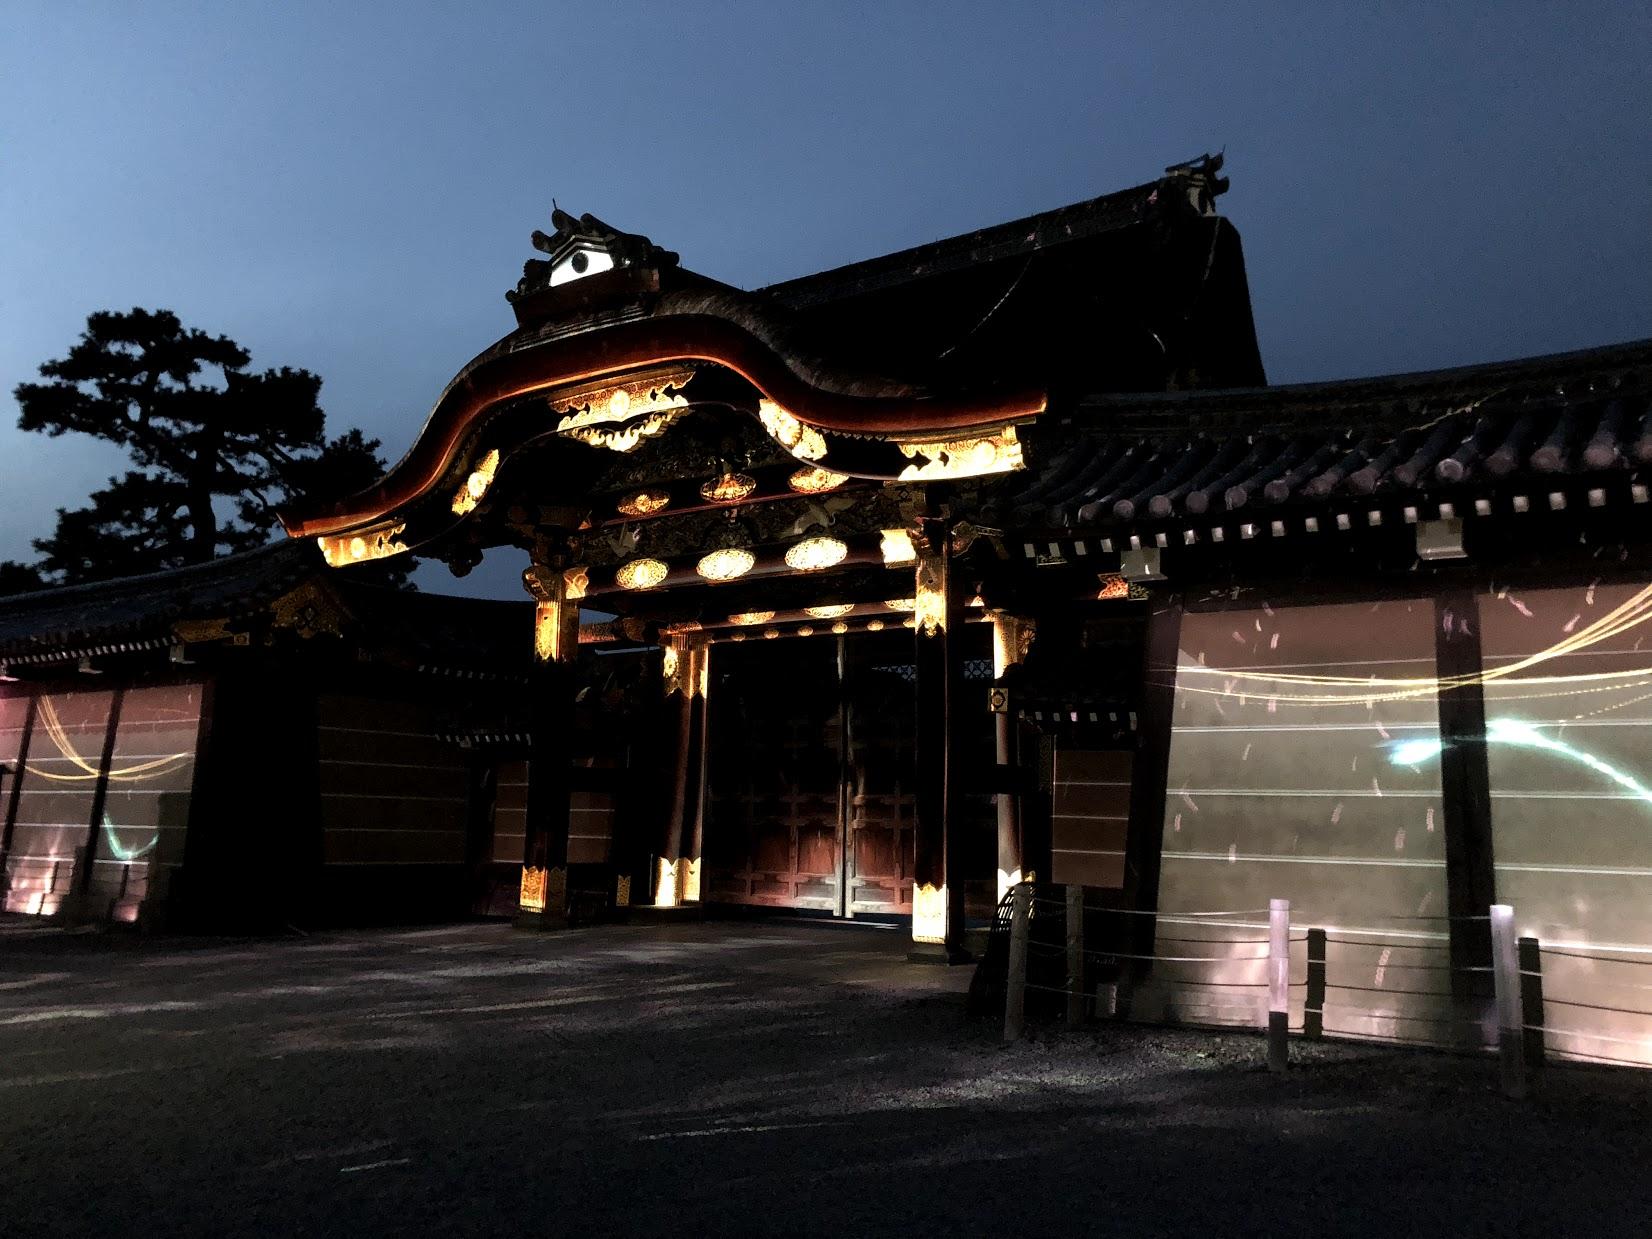 Un show de luces al frente de uno de los puertas de Nijo. De día esta abierta, pero de noche esta cerrado.